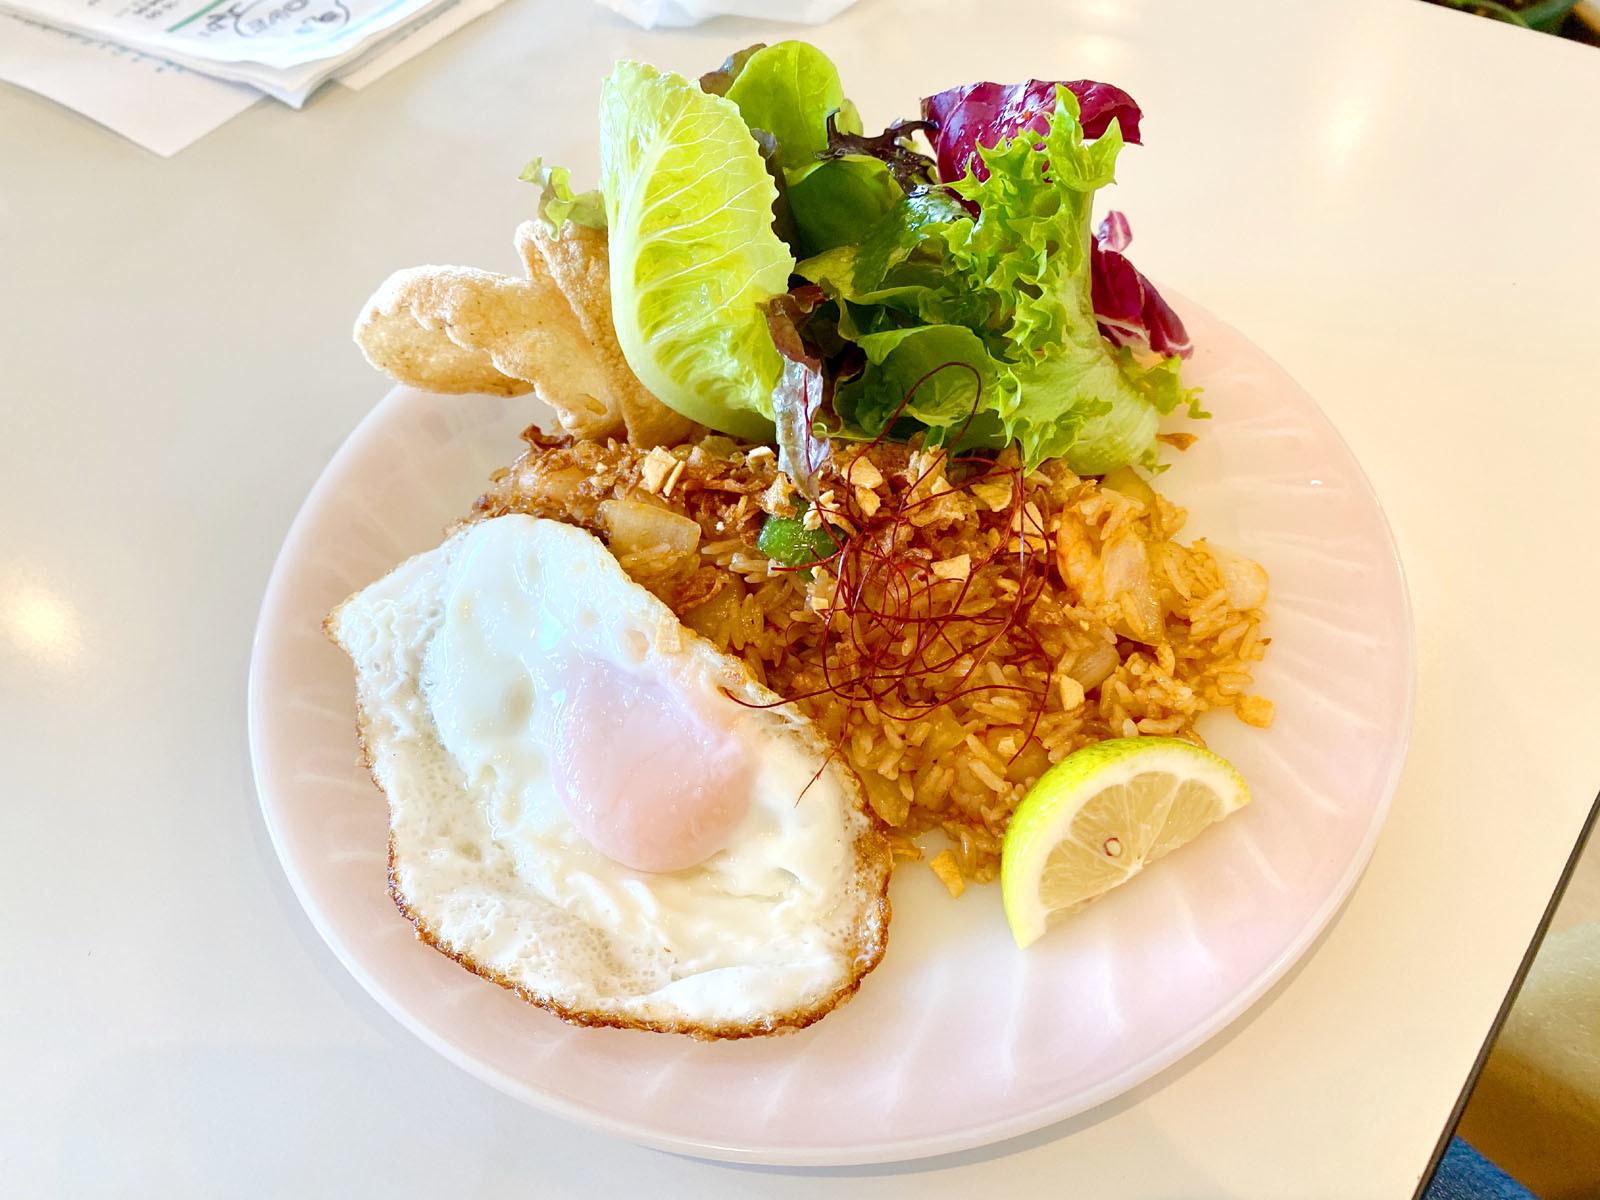 ナシゴレン(小エビのスパイシー炒飯) 900円(税抜)